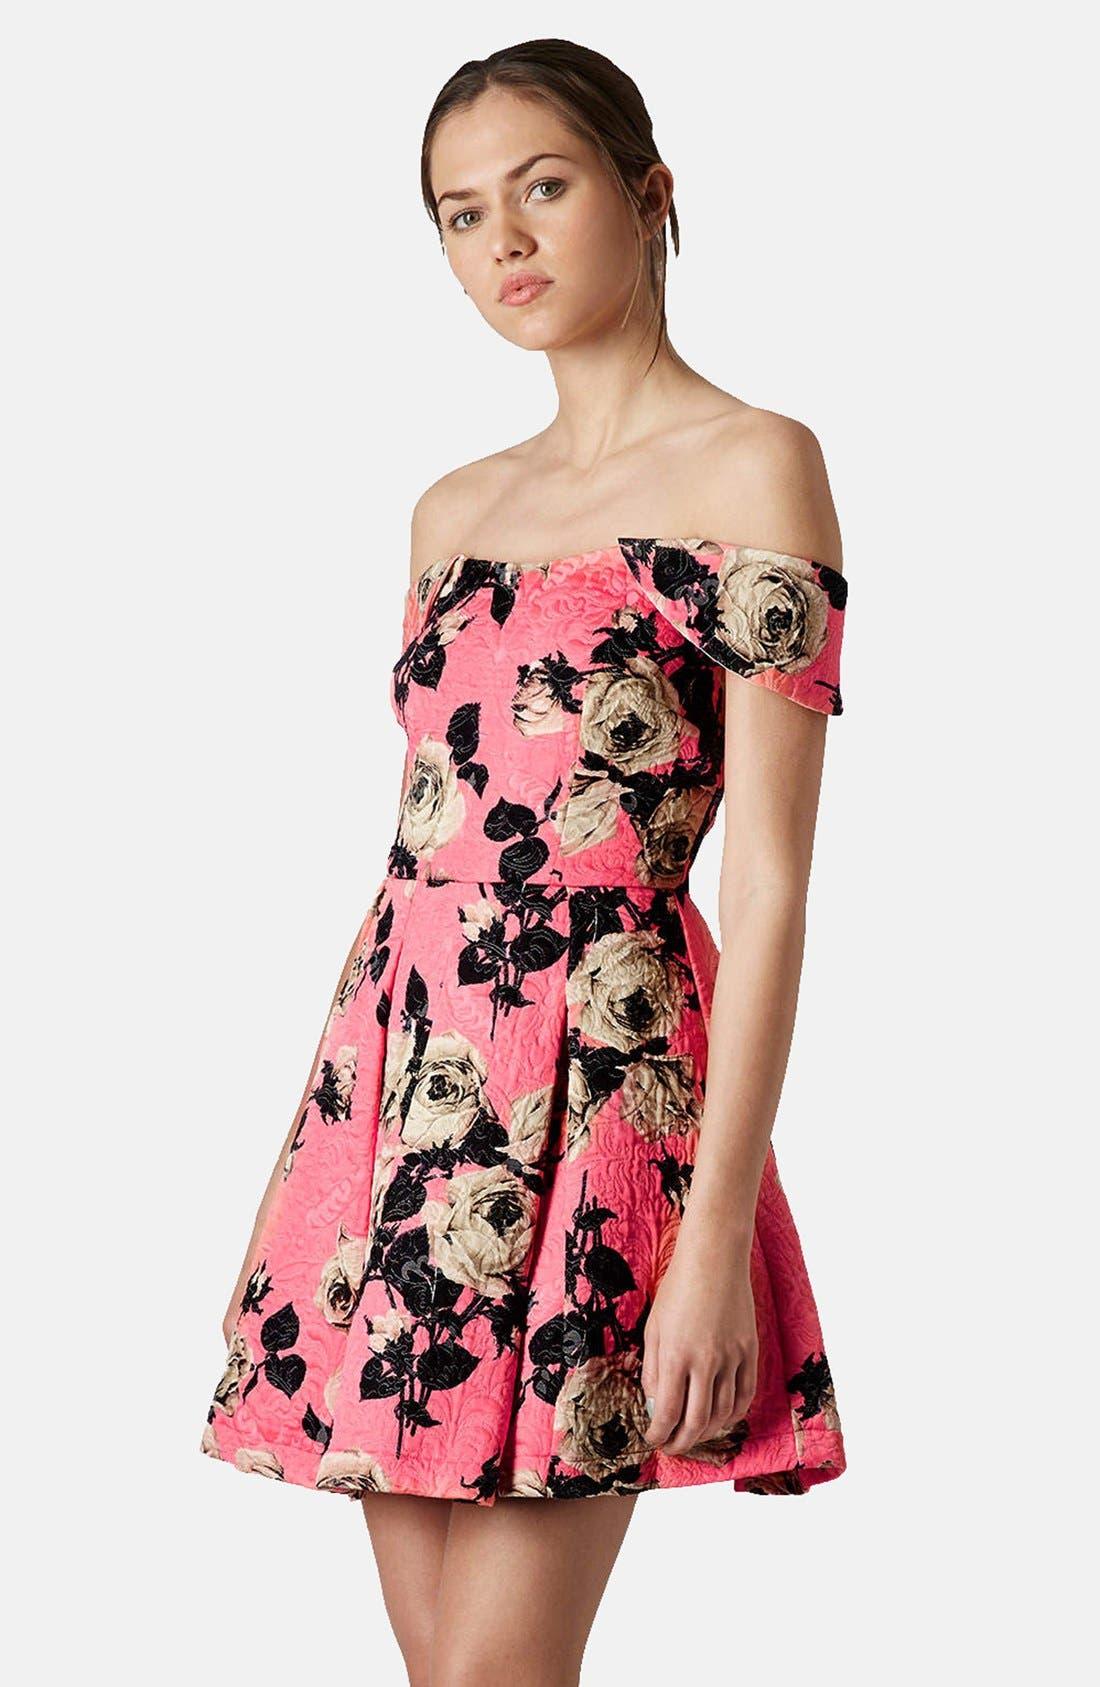 Alternate Image 1 Selected - Topshop 'Bardot' Textured Floral Off Shoulder Fit & Flare Dress